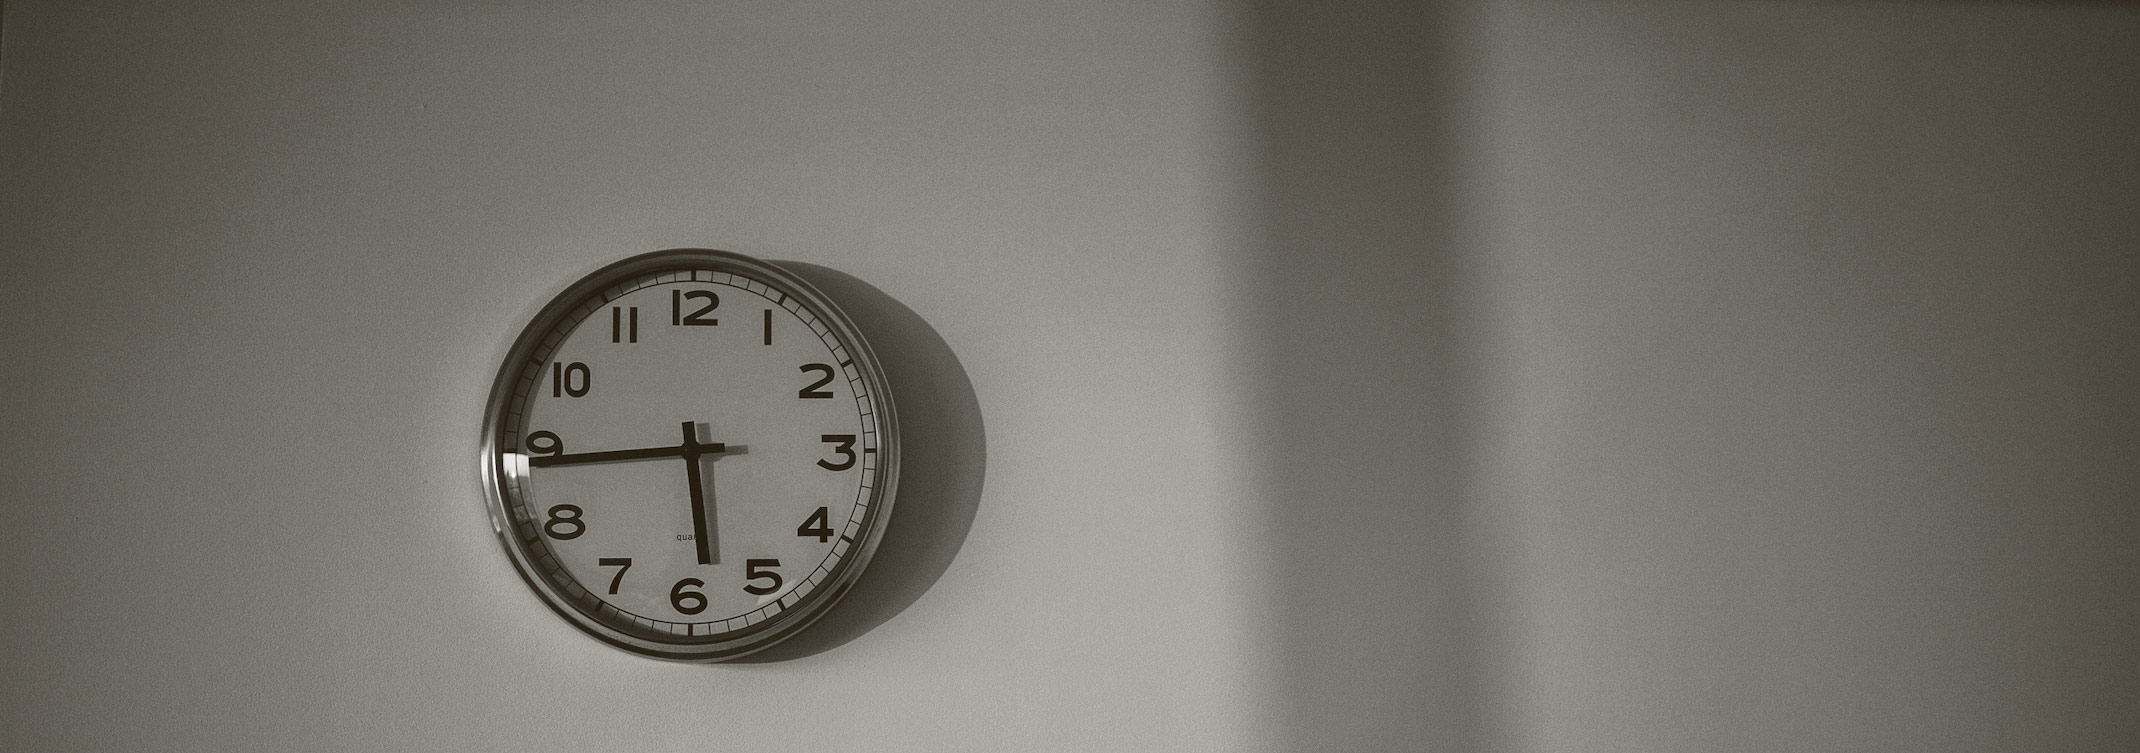 FISCHER | Bildung und Beratung - Arbeitszeitgestaltung